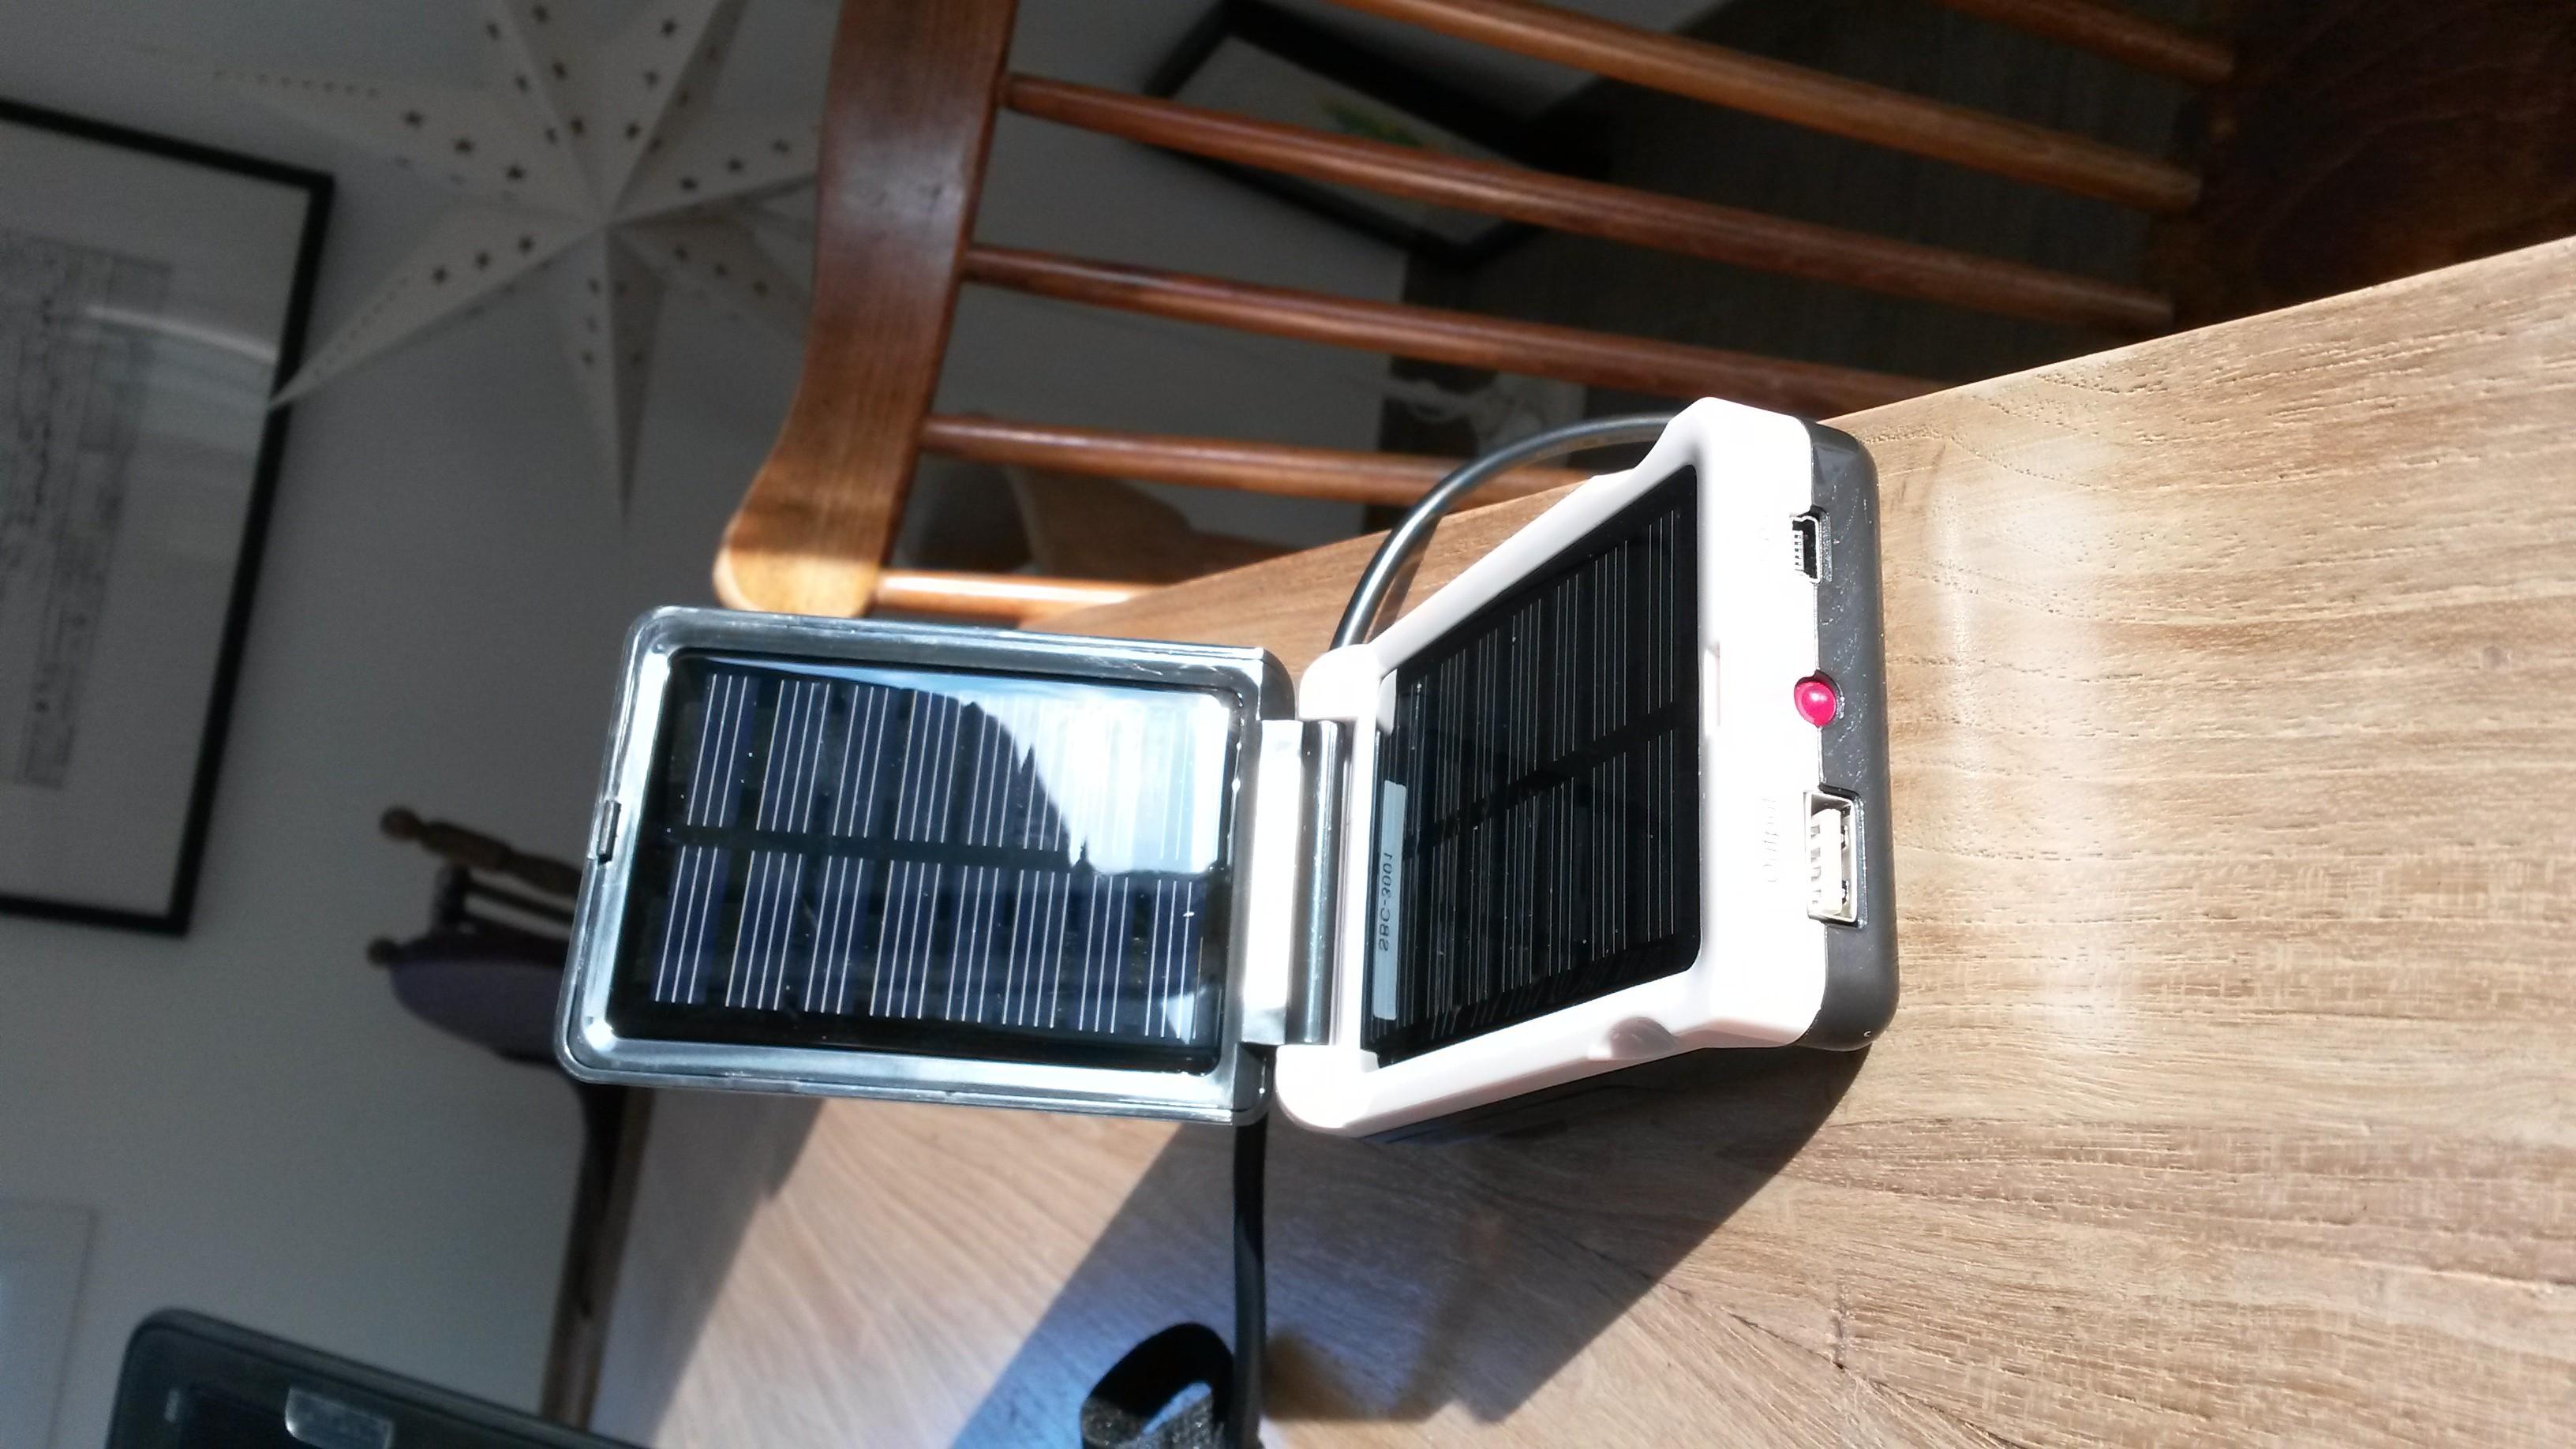 camelion chargeur solaire sbc 3001 construction de notre. Black Bedroom Furniture Sets. Home Design Ideas